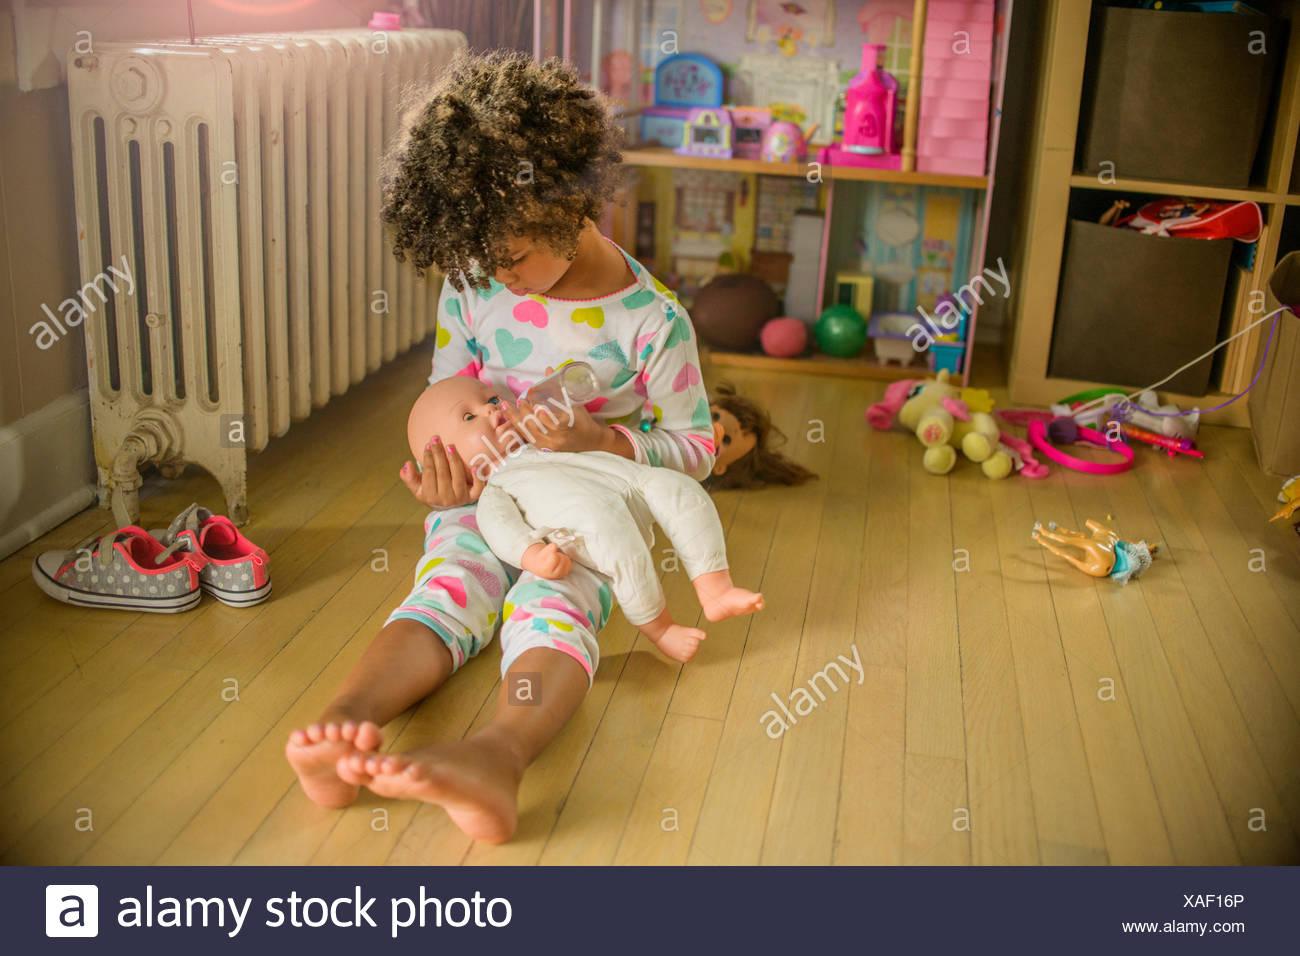 Mädchen sitzen im Spielzimmer Stock Fütterung Puppe Stockbild